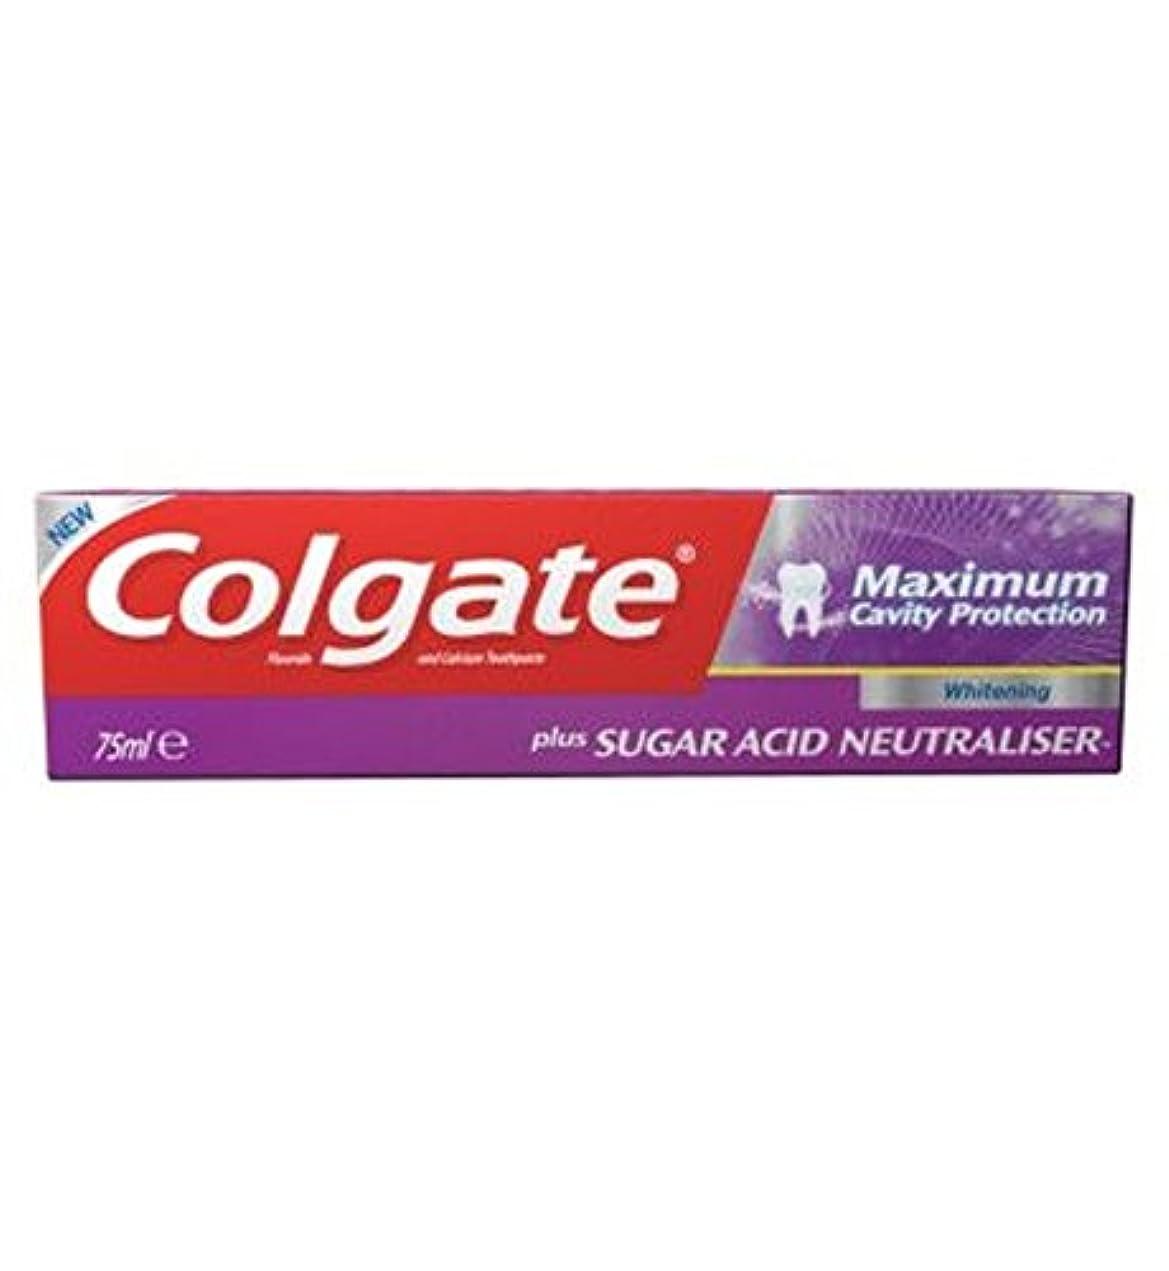 ペレットアプライアンスキャベツ歯磨き粉75ミリリットルをホワイトニングコルゲート最大空洞の保護に加えて、糖酸中和剤 (Colgate) (x2) - Colgate Maximum Cavity Protection plus Sugar Acid...